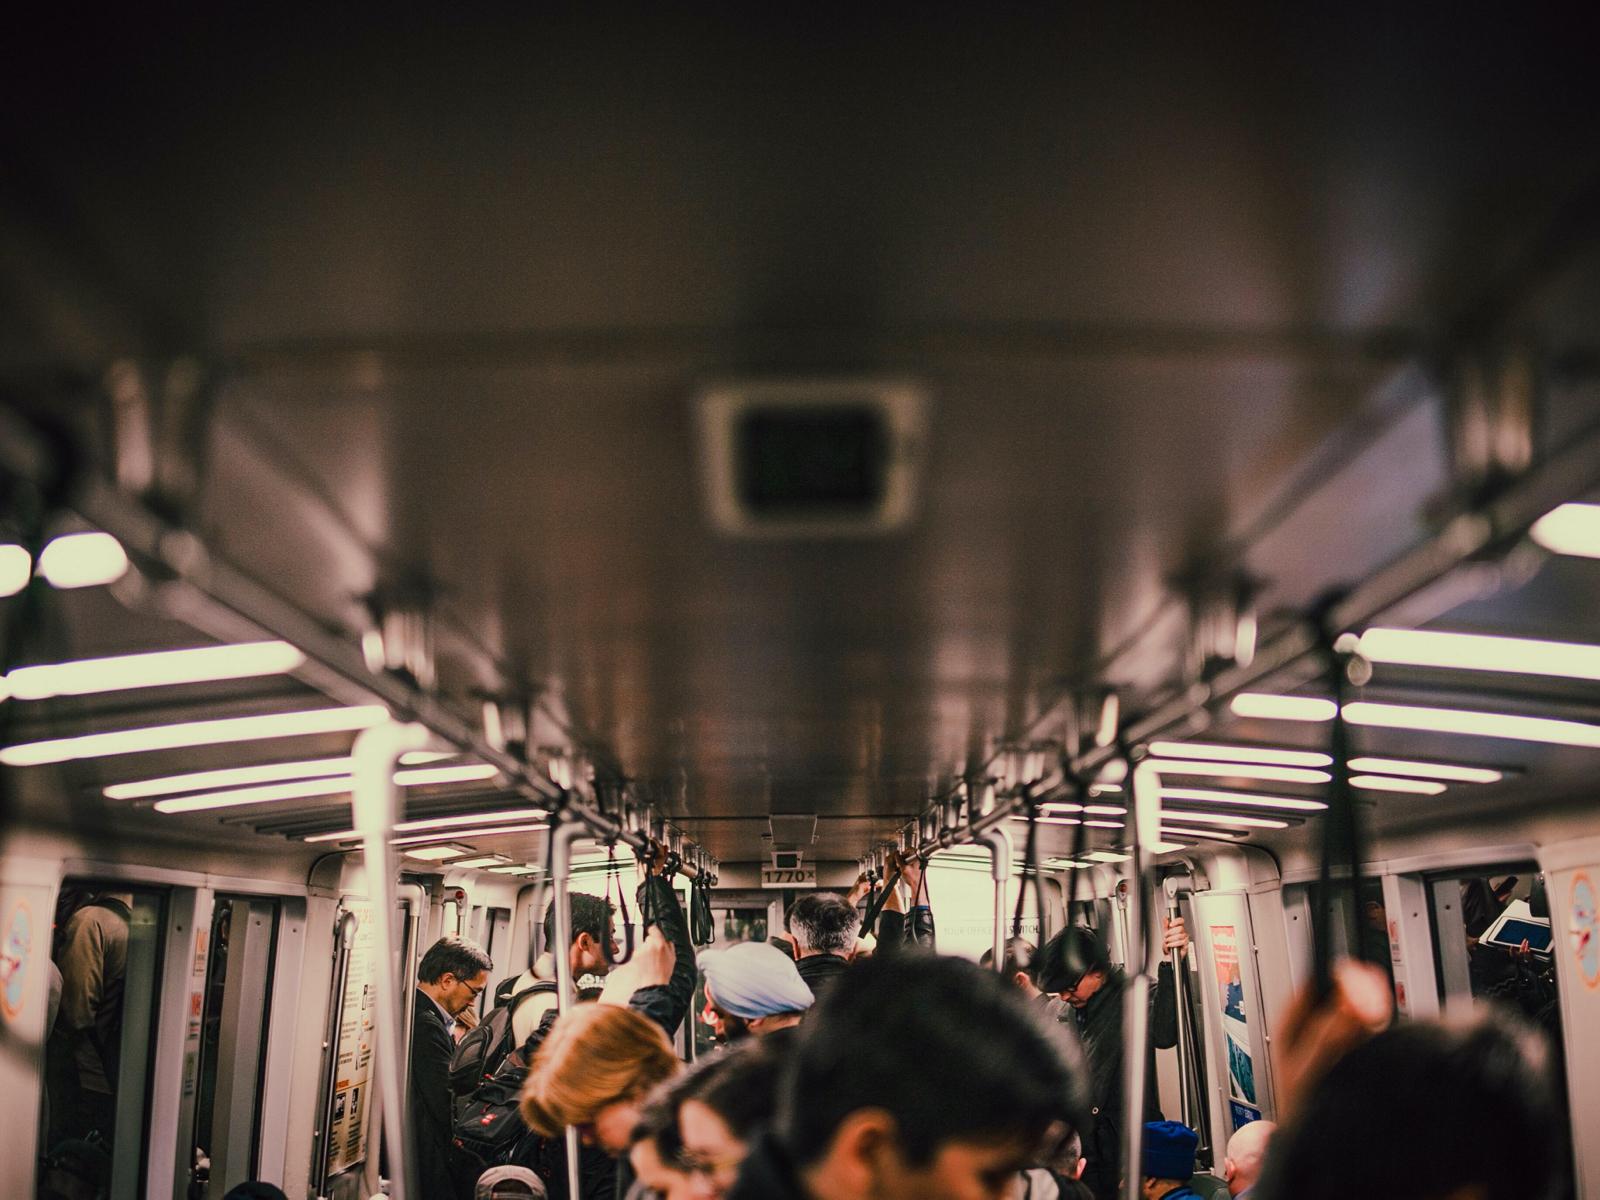 San Fransisco people on BART transit